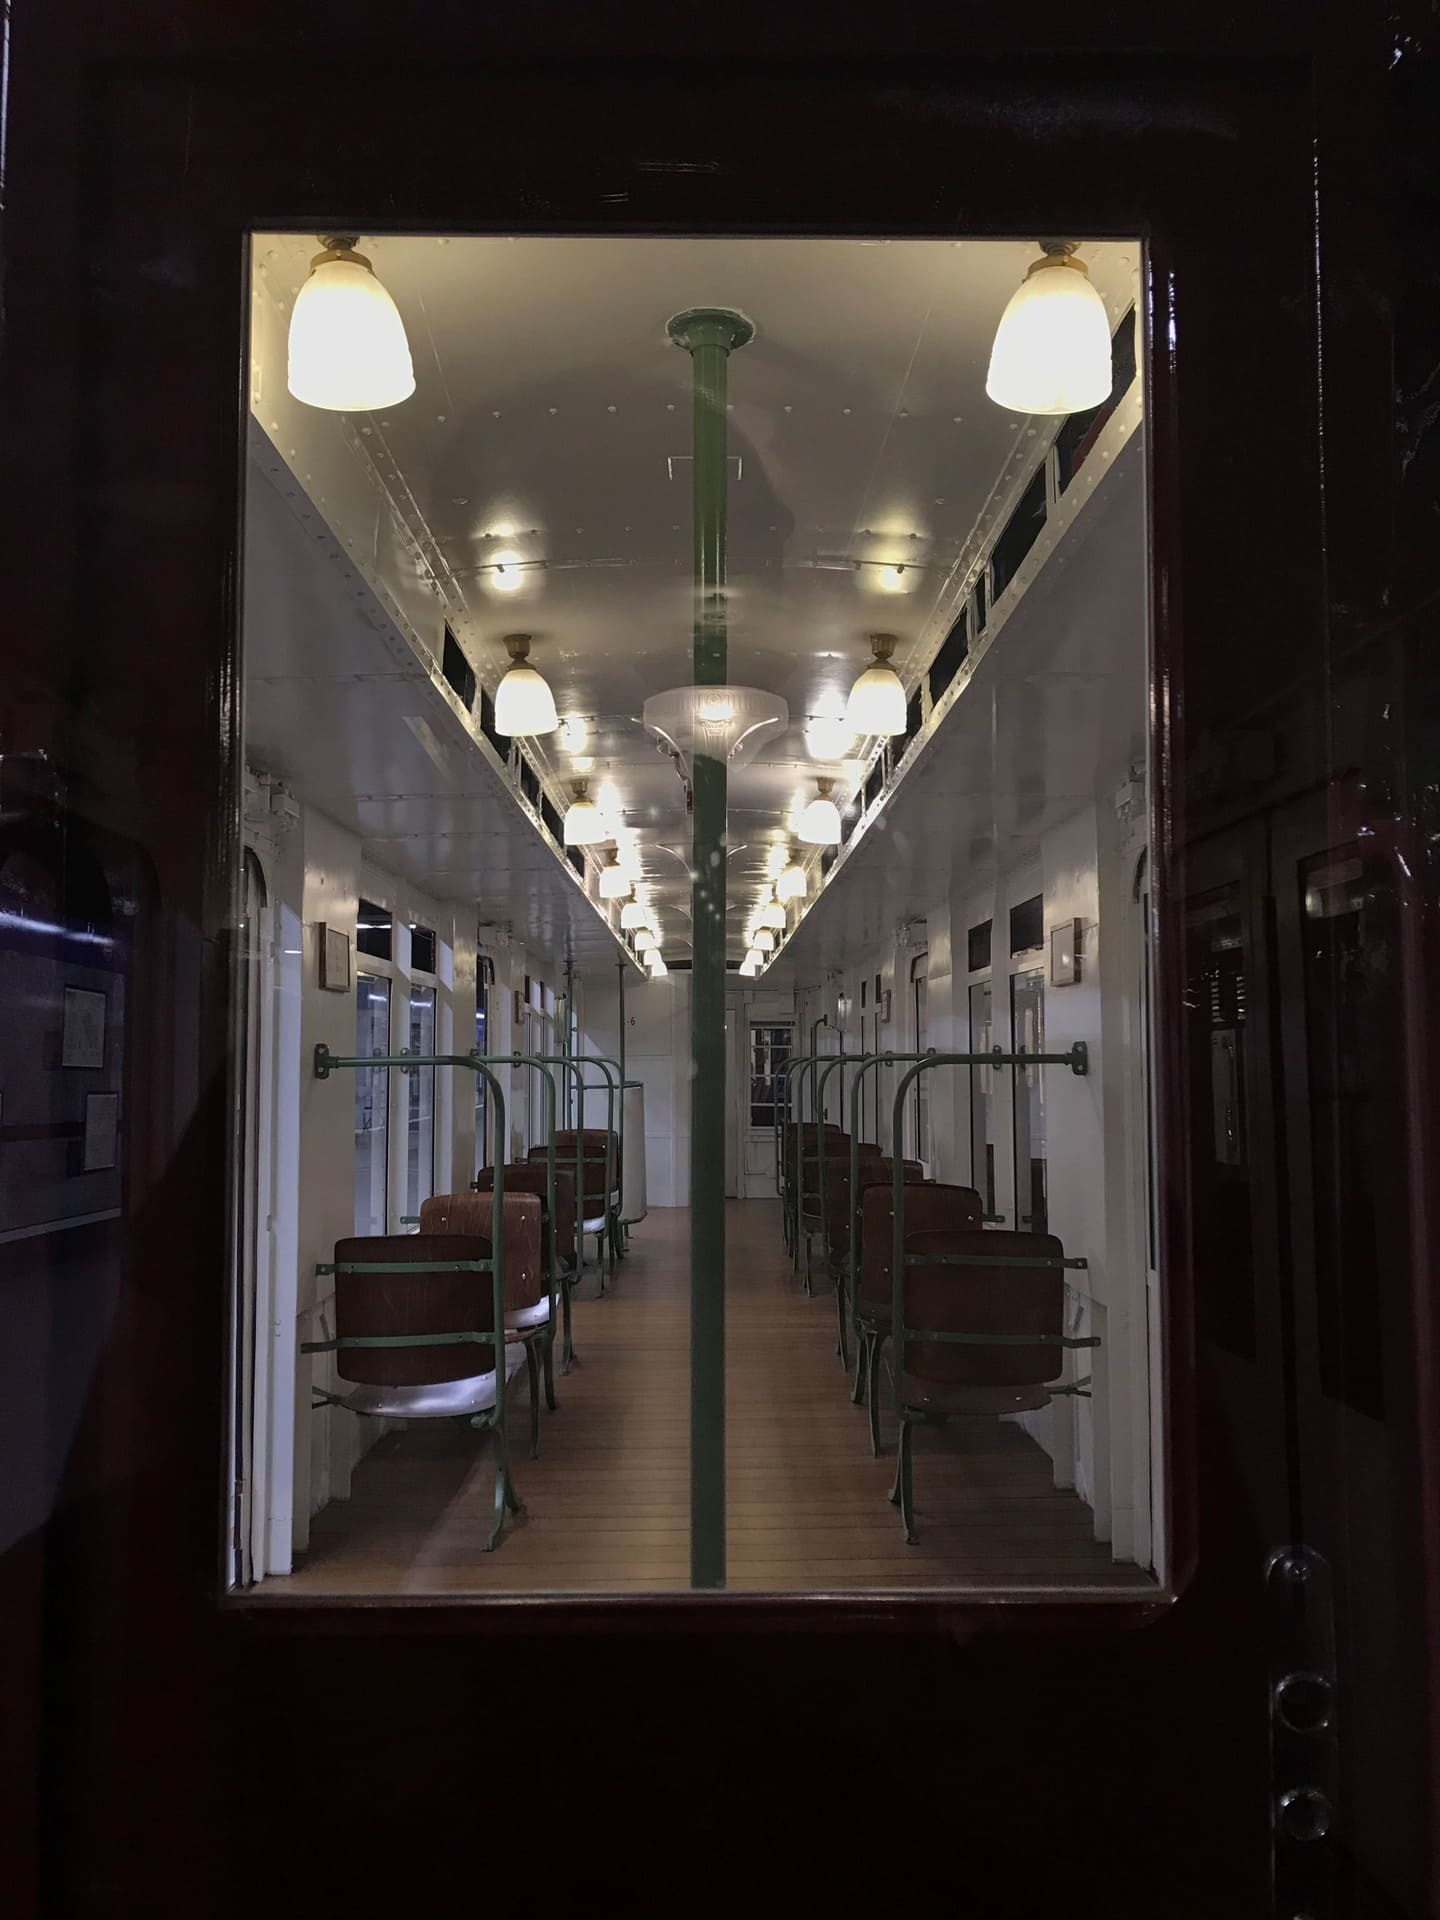 trenes historicos exposiciones de arte en madrid